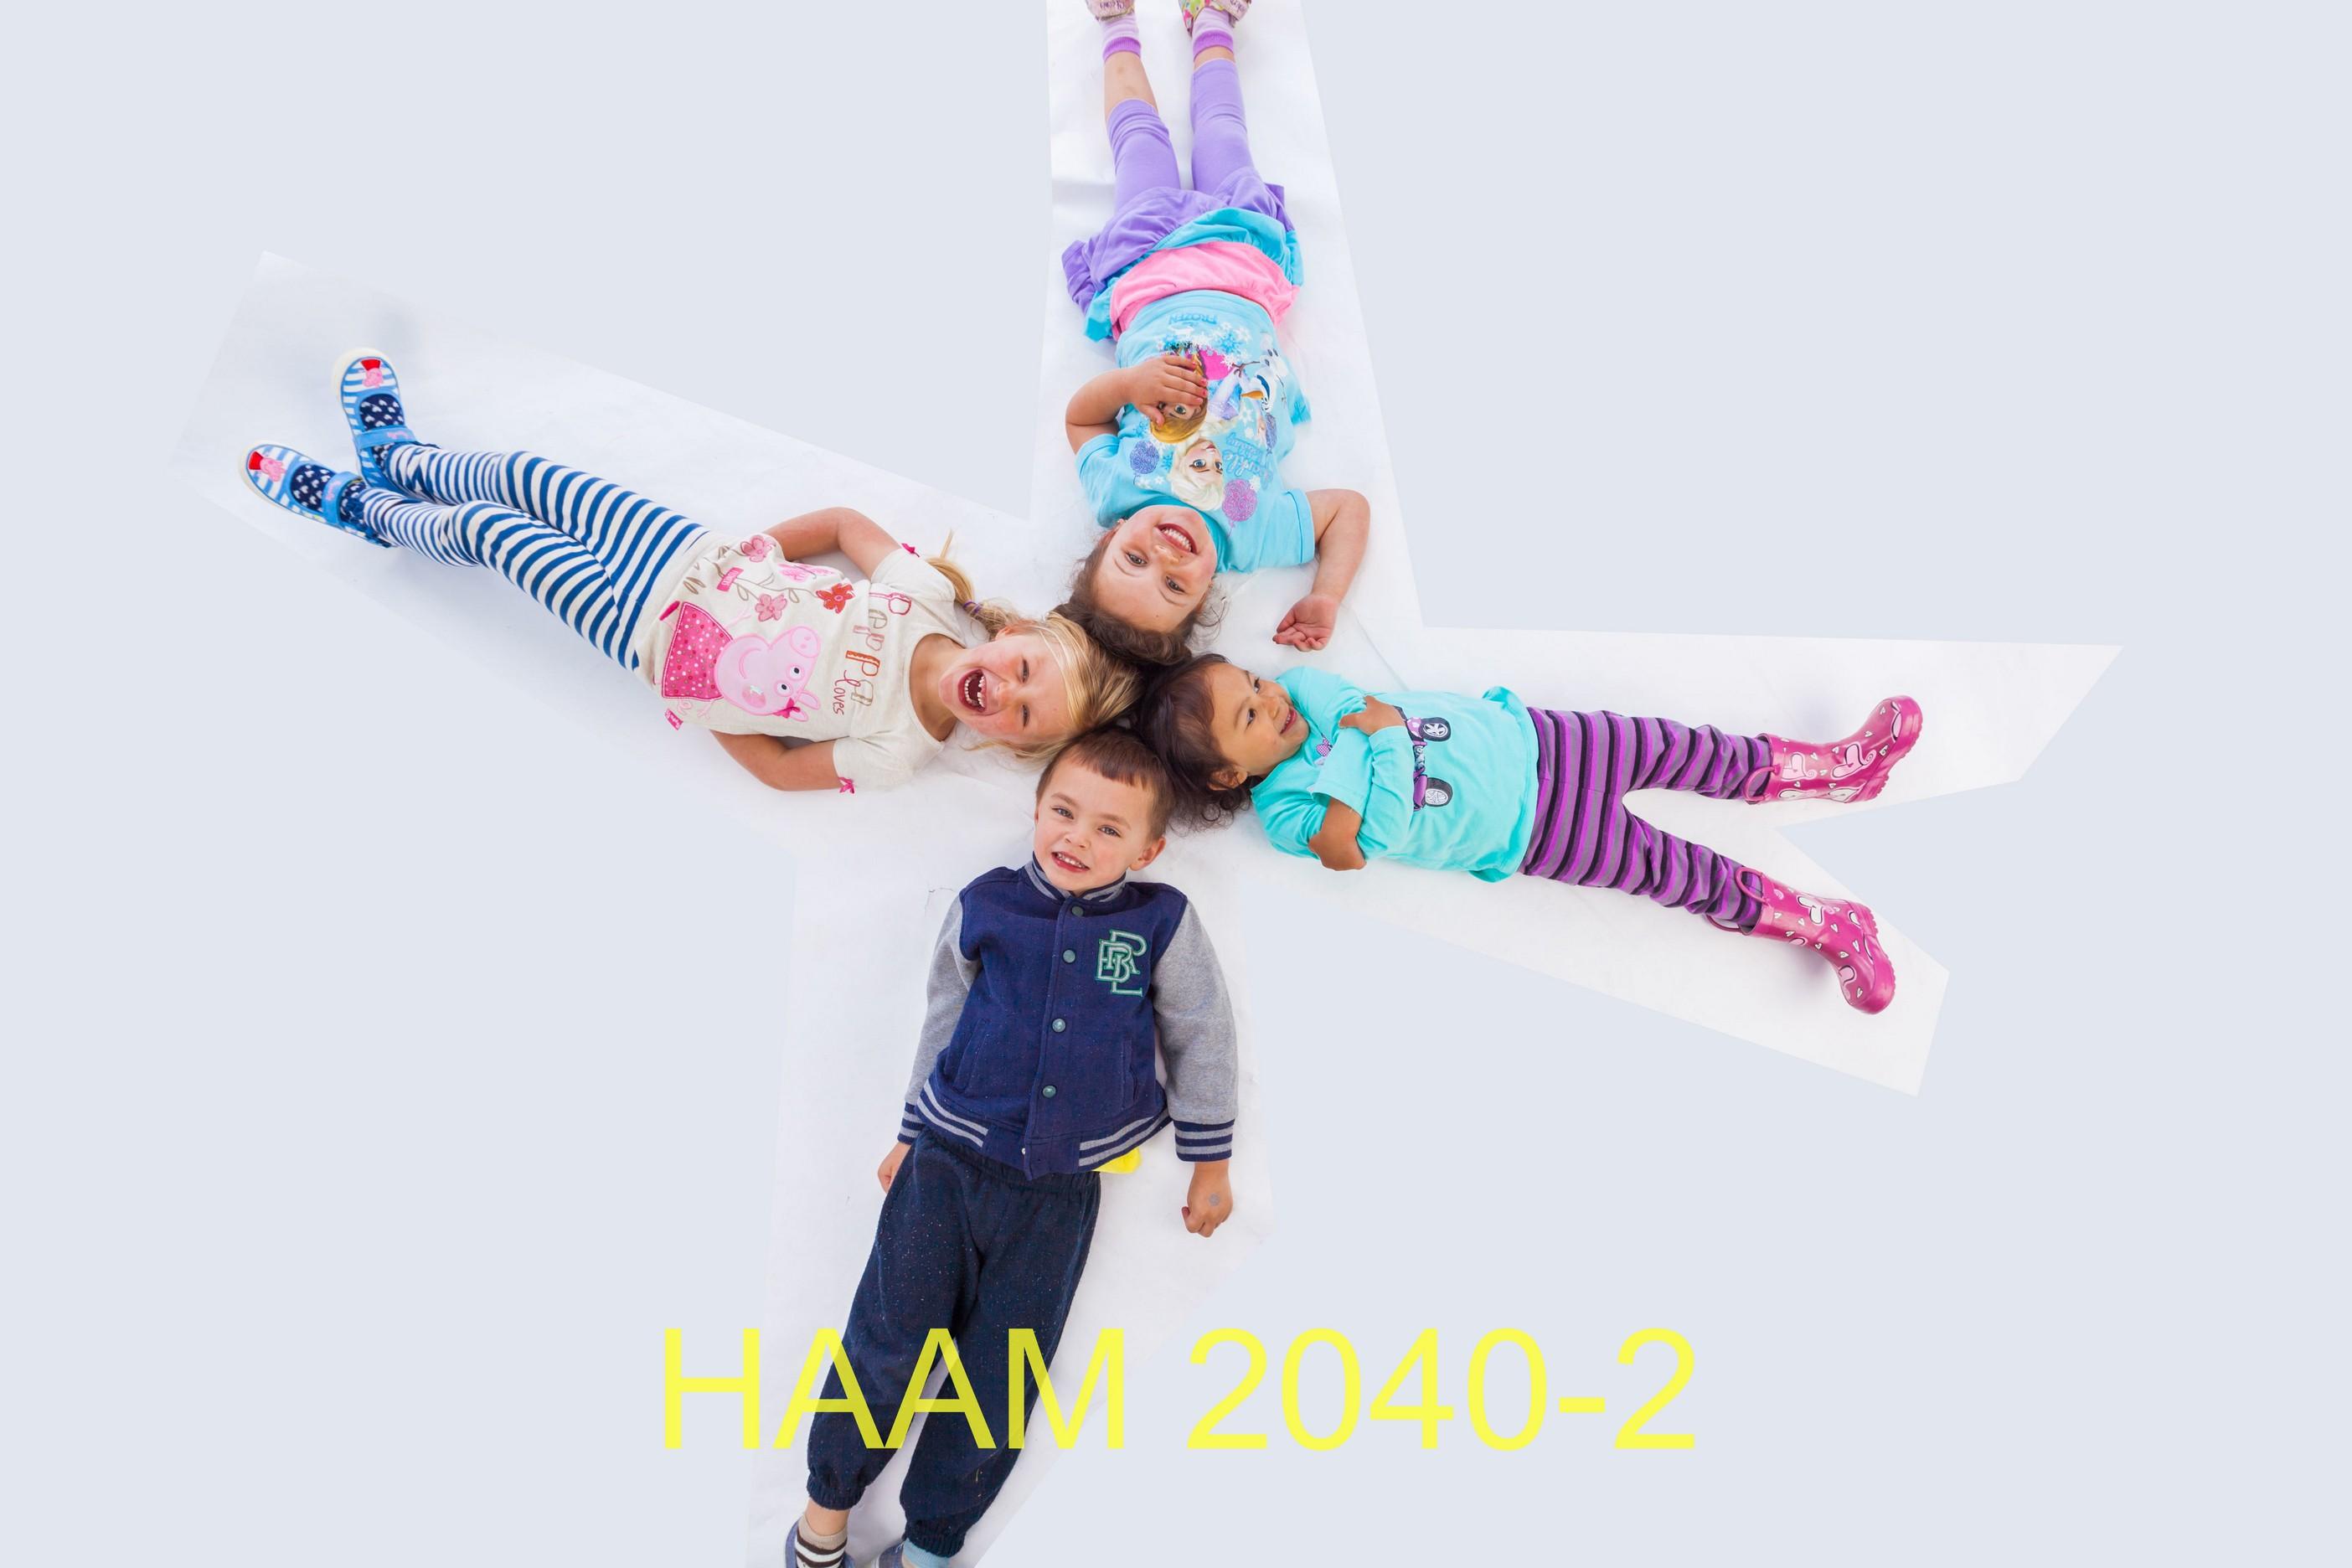 HAAM 2040-2